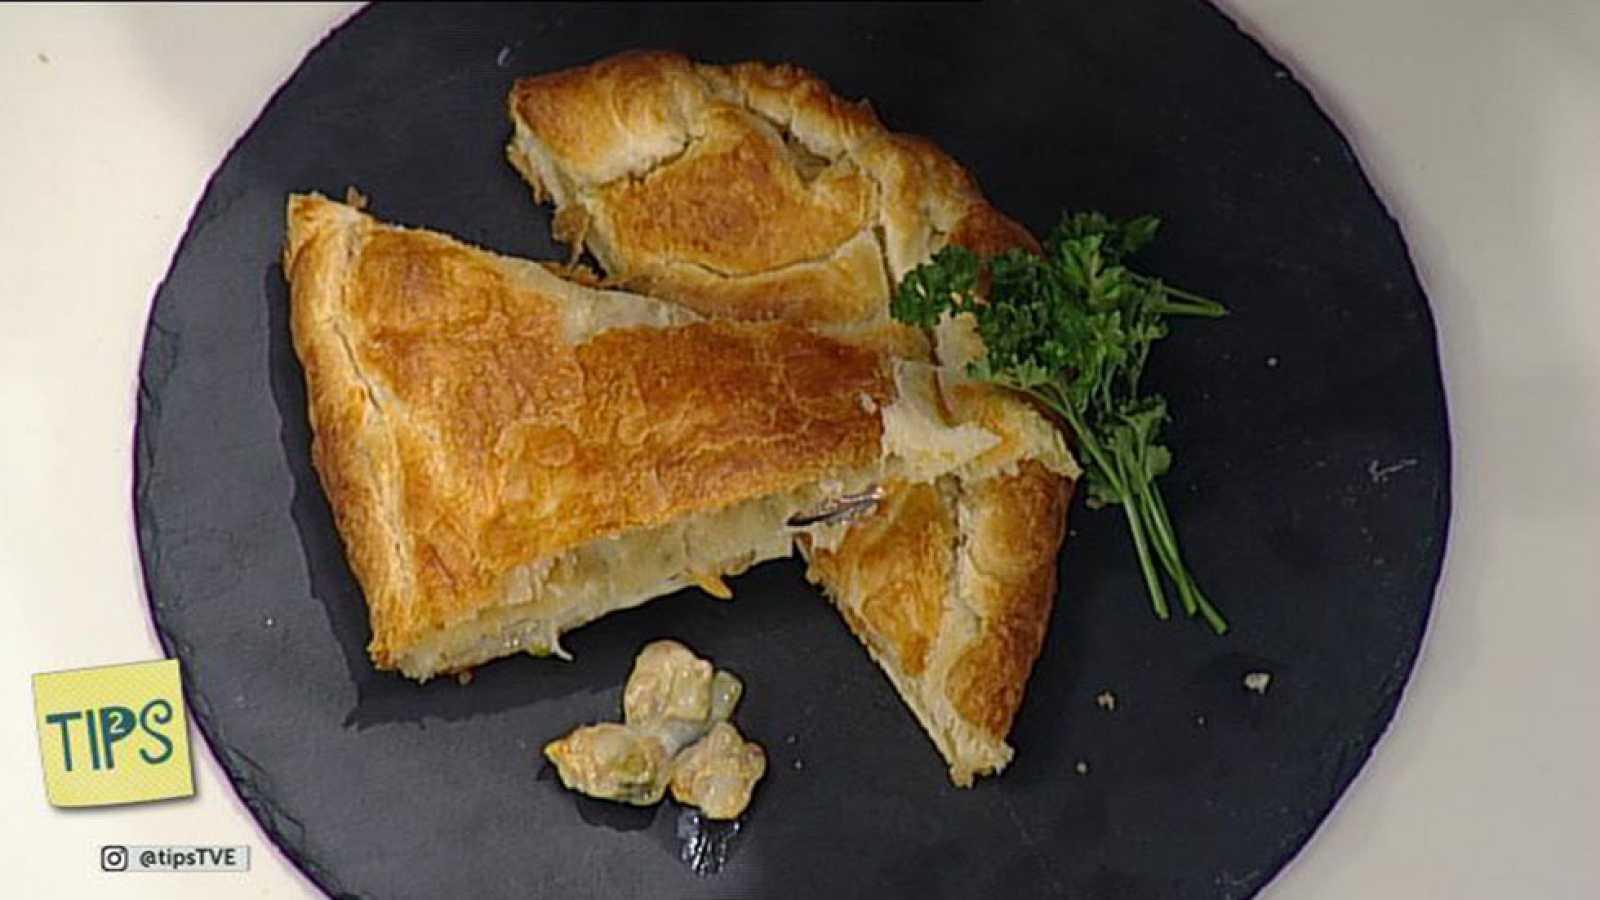 TIPS - Cocina - Empanada de berberechos y mejillones al albariño